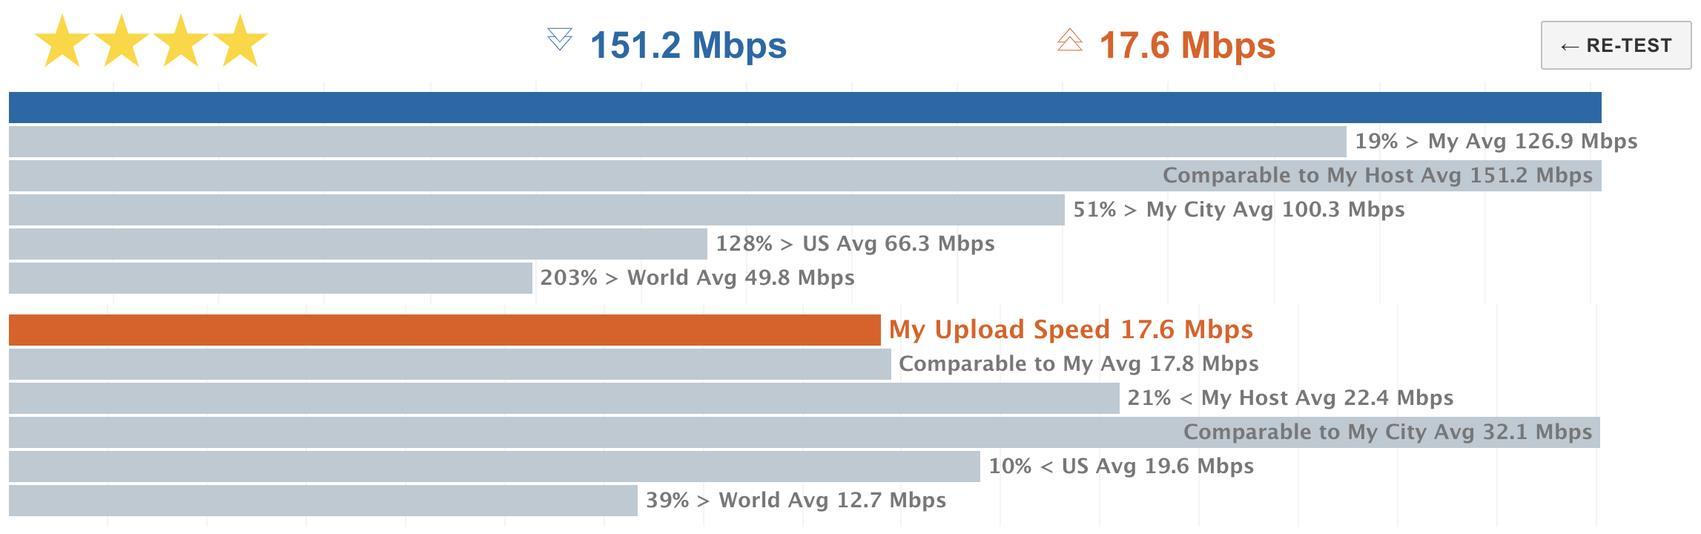 كيف تقيس سرعة الإنترنت لديك